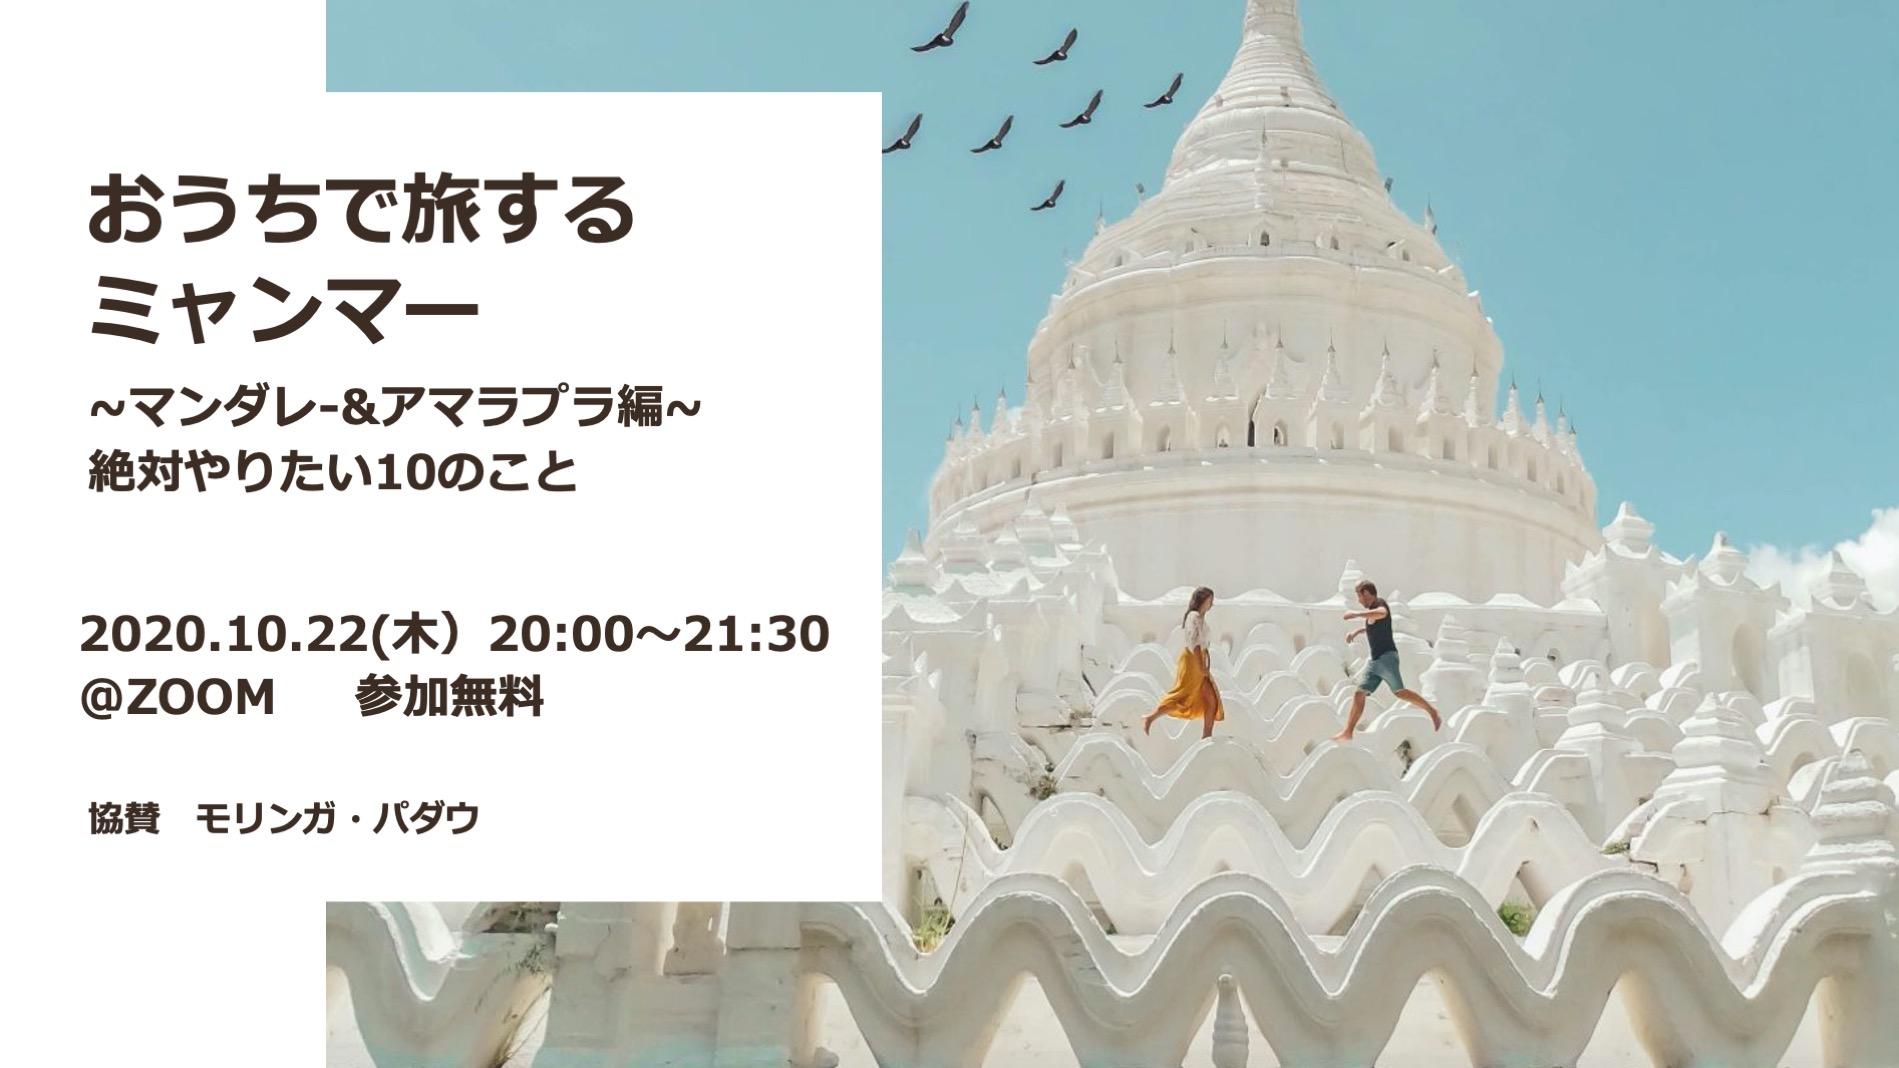 おうちで旅するミャンマー〜マンダレー編開催!10月22日(木)20:00〜21:30 参加無料